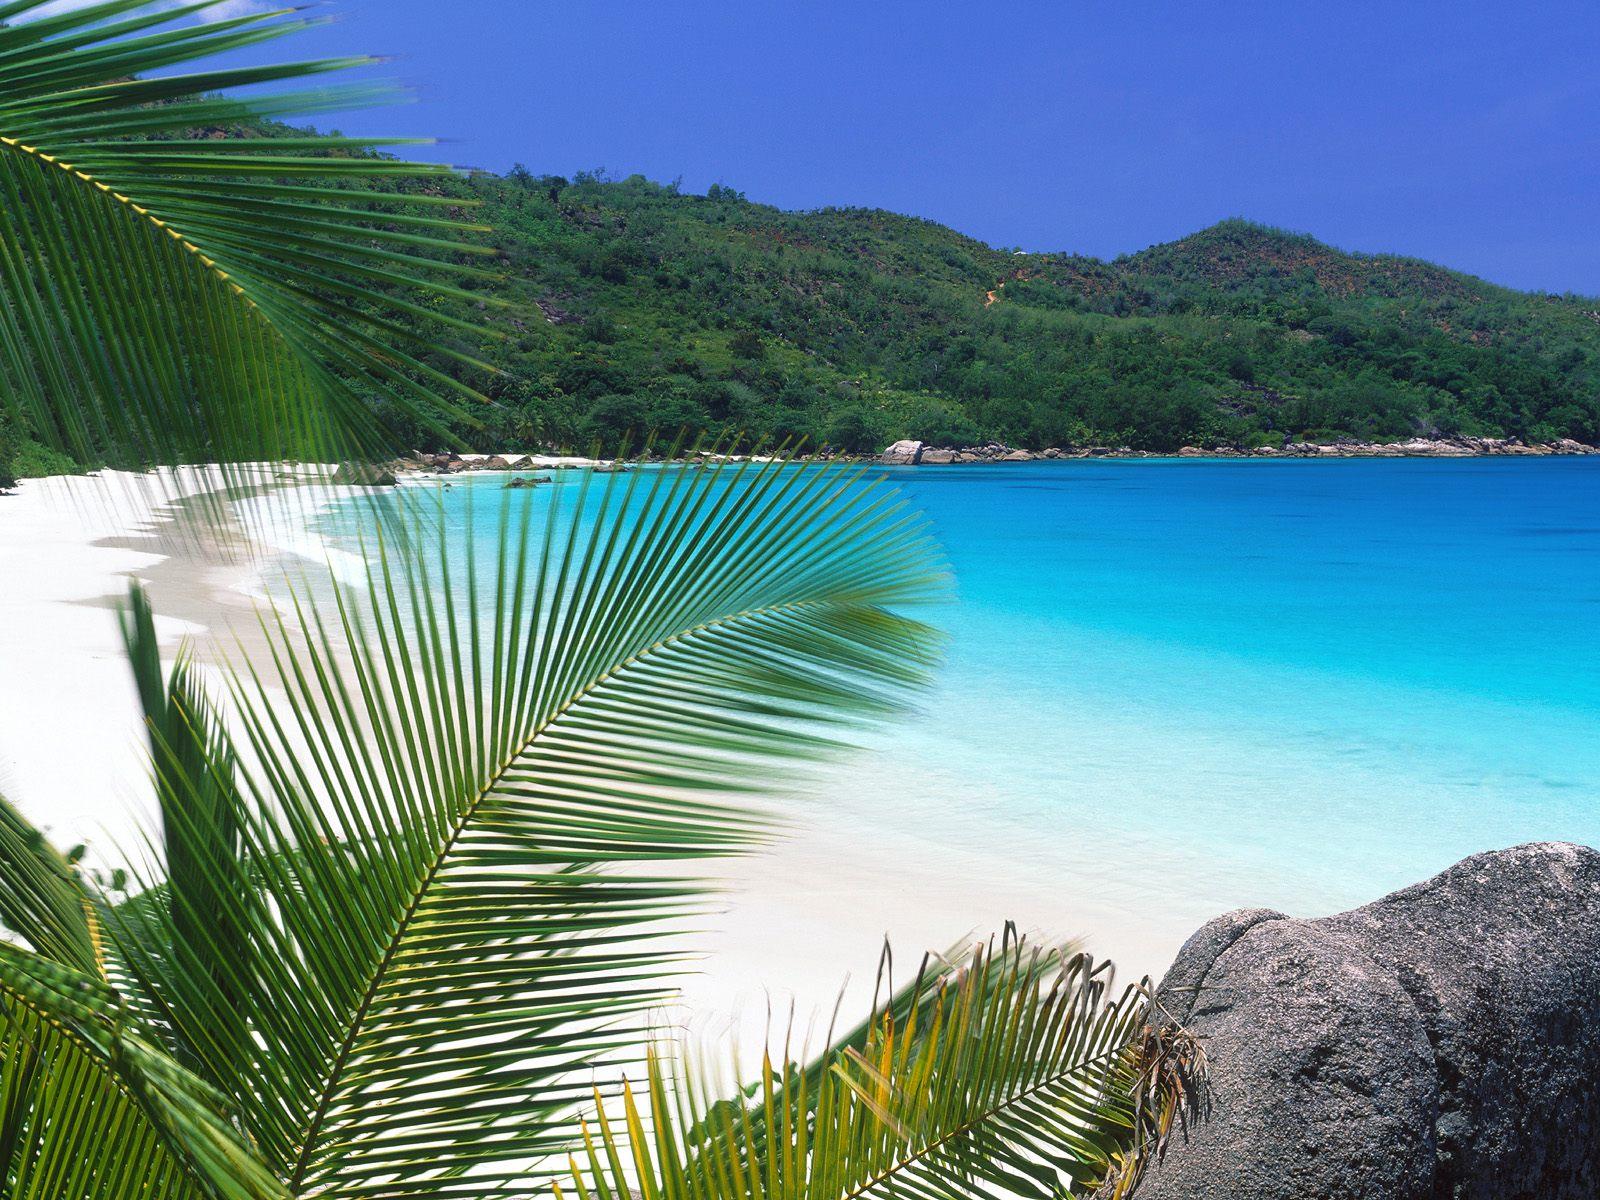 http://2.bp.blogspot.com/-prRiK92l30Q/UJtakWID9aI/AAAAAAAABoo/GEISB3JkZ3g/s1600/beach+wallpaper+6.jpg